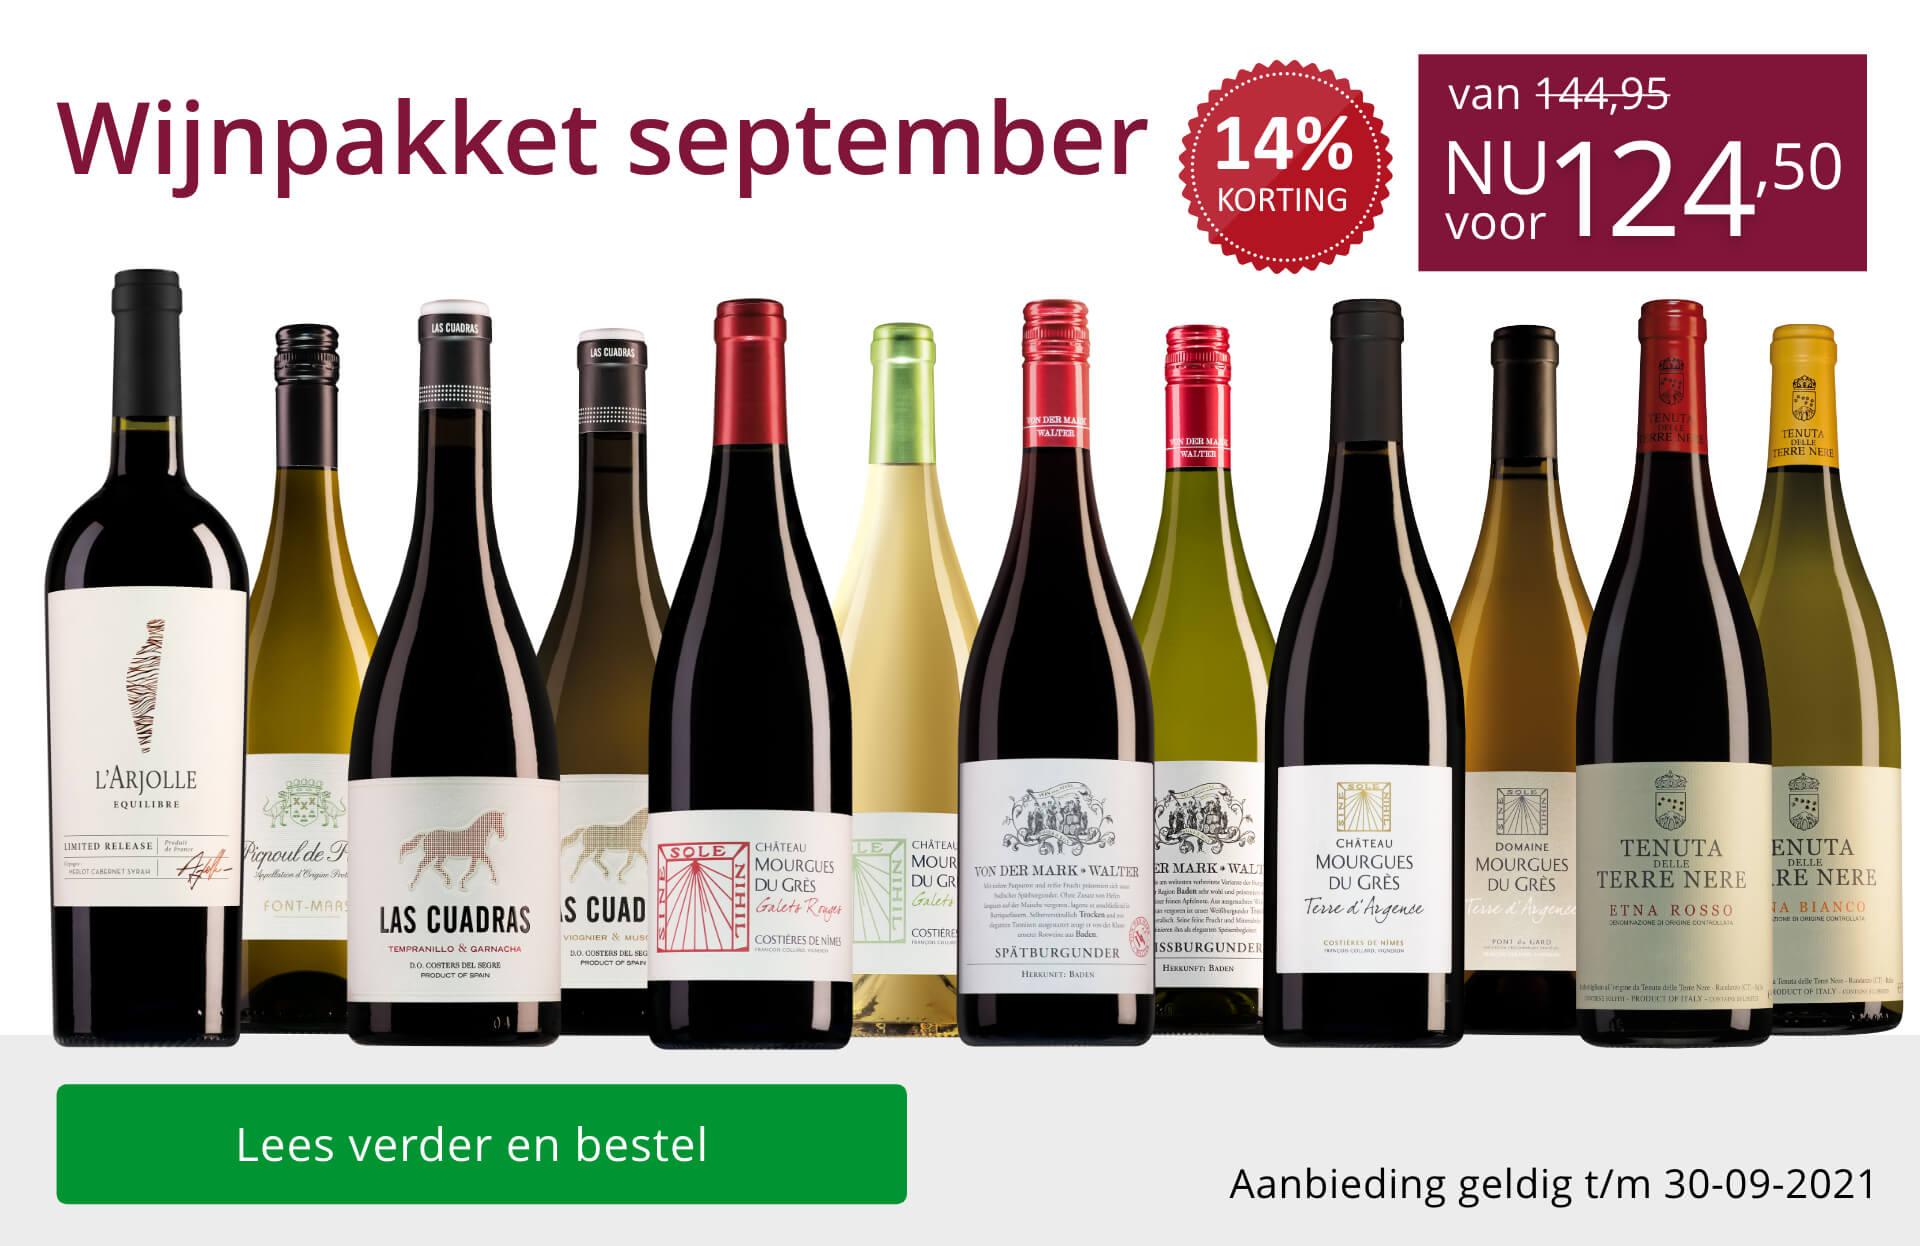 Wijnpakket wijnbericht september 2021 - paars